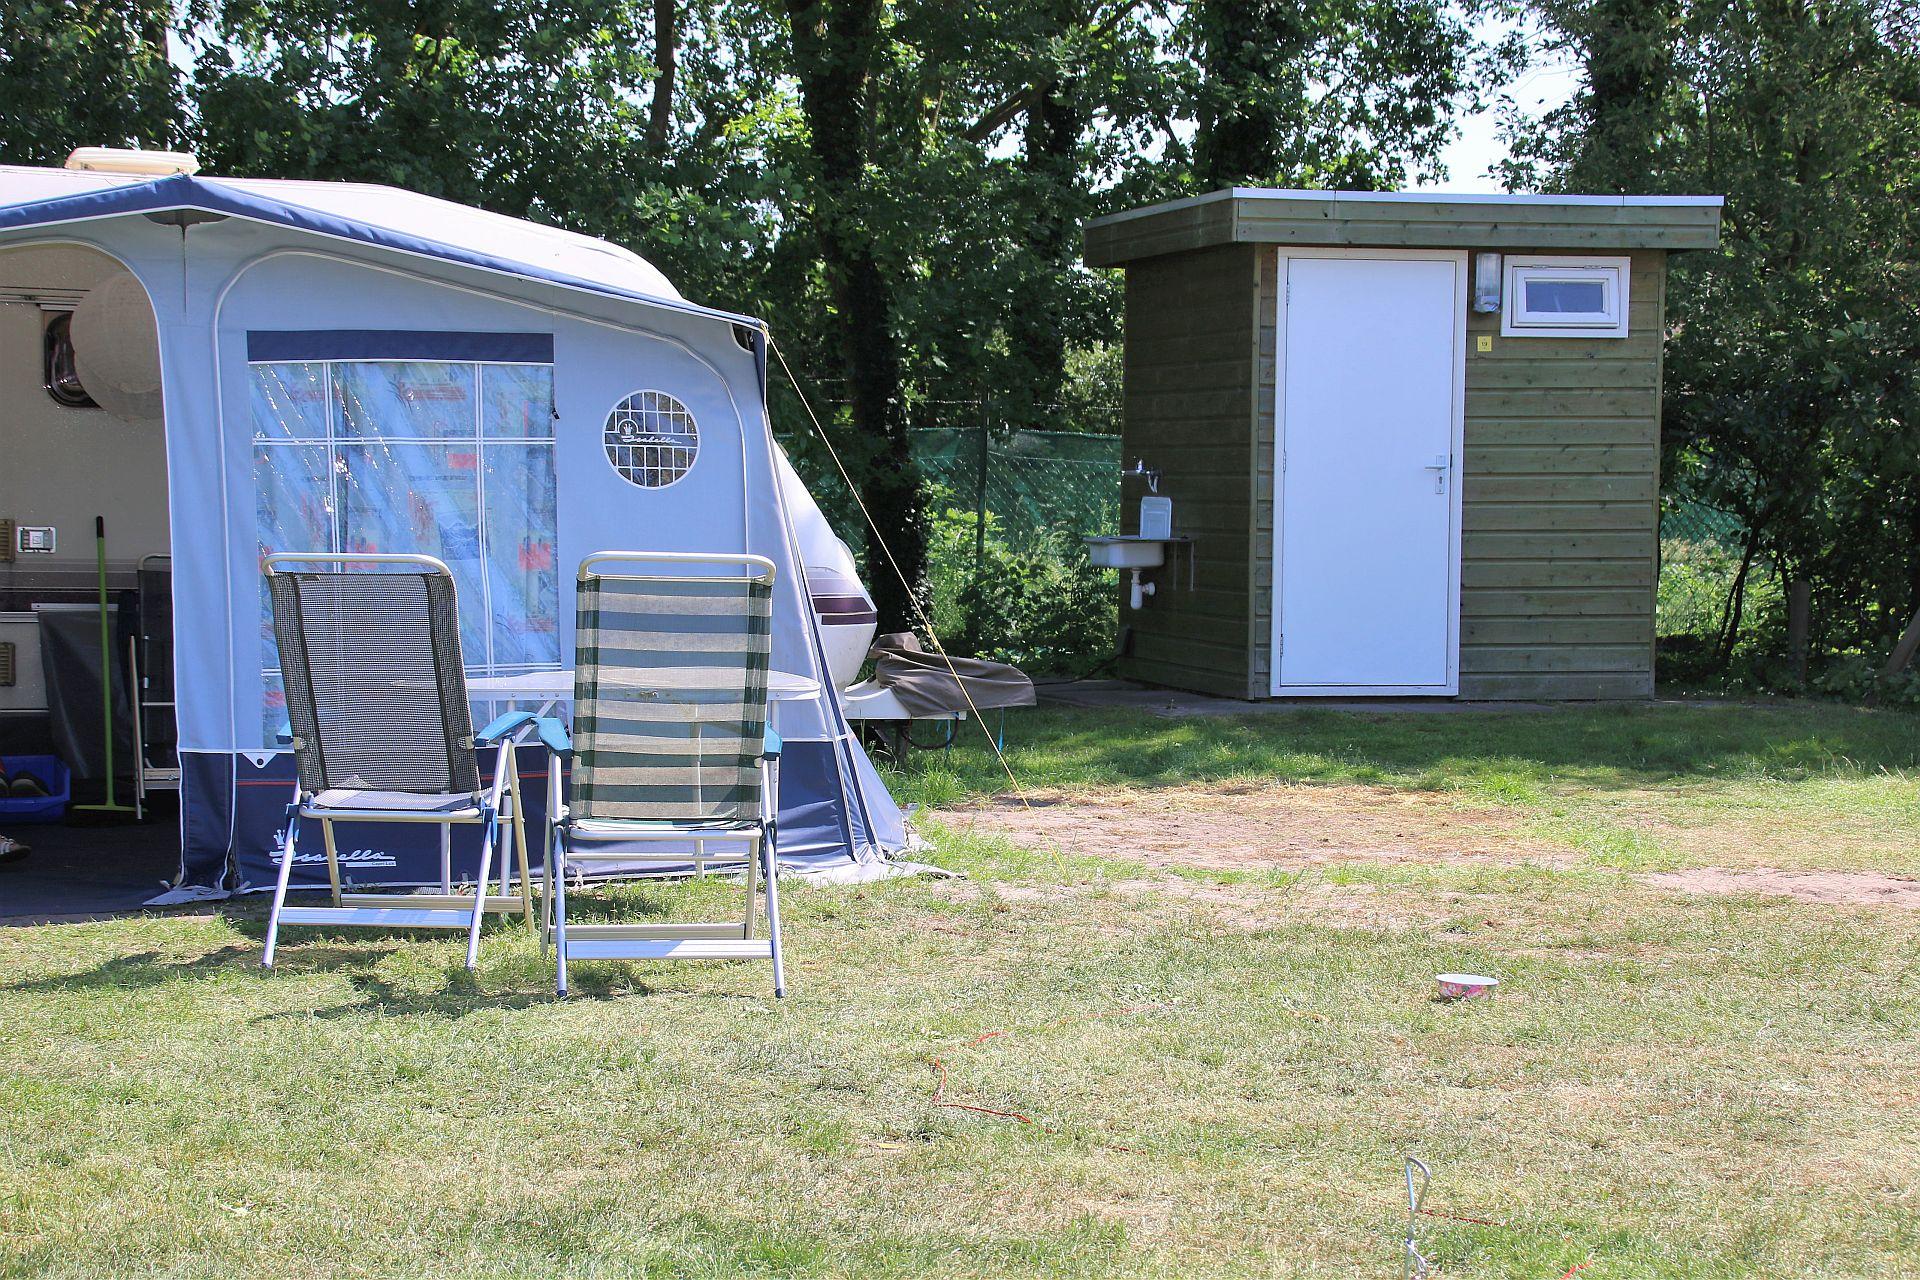 Camping met privé sanitair, een luxe kampeervakantie! - Kamperen met prive sanitair